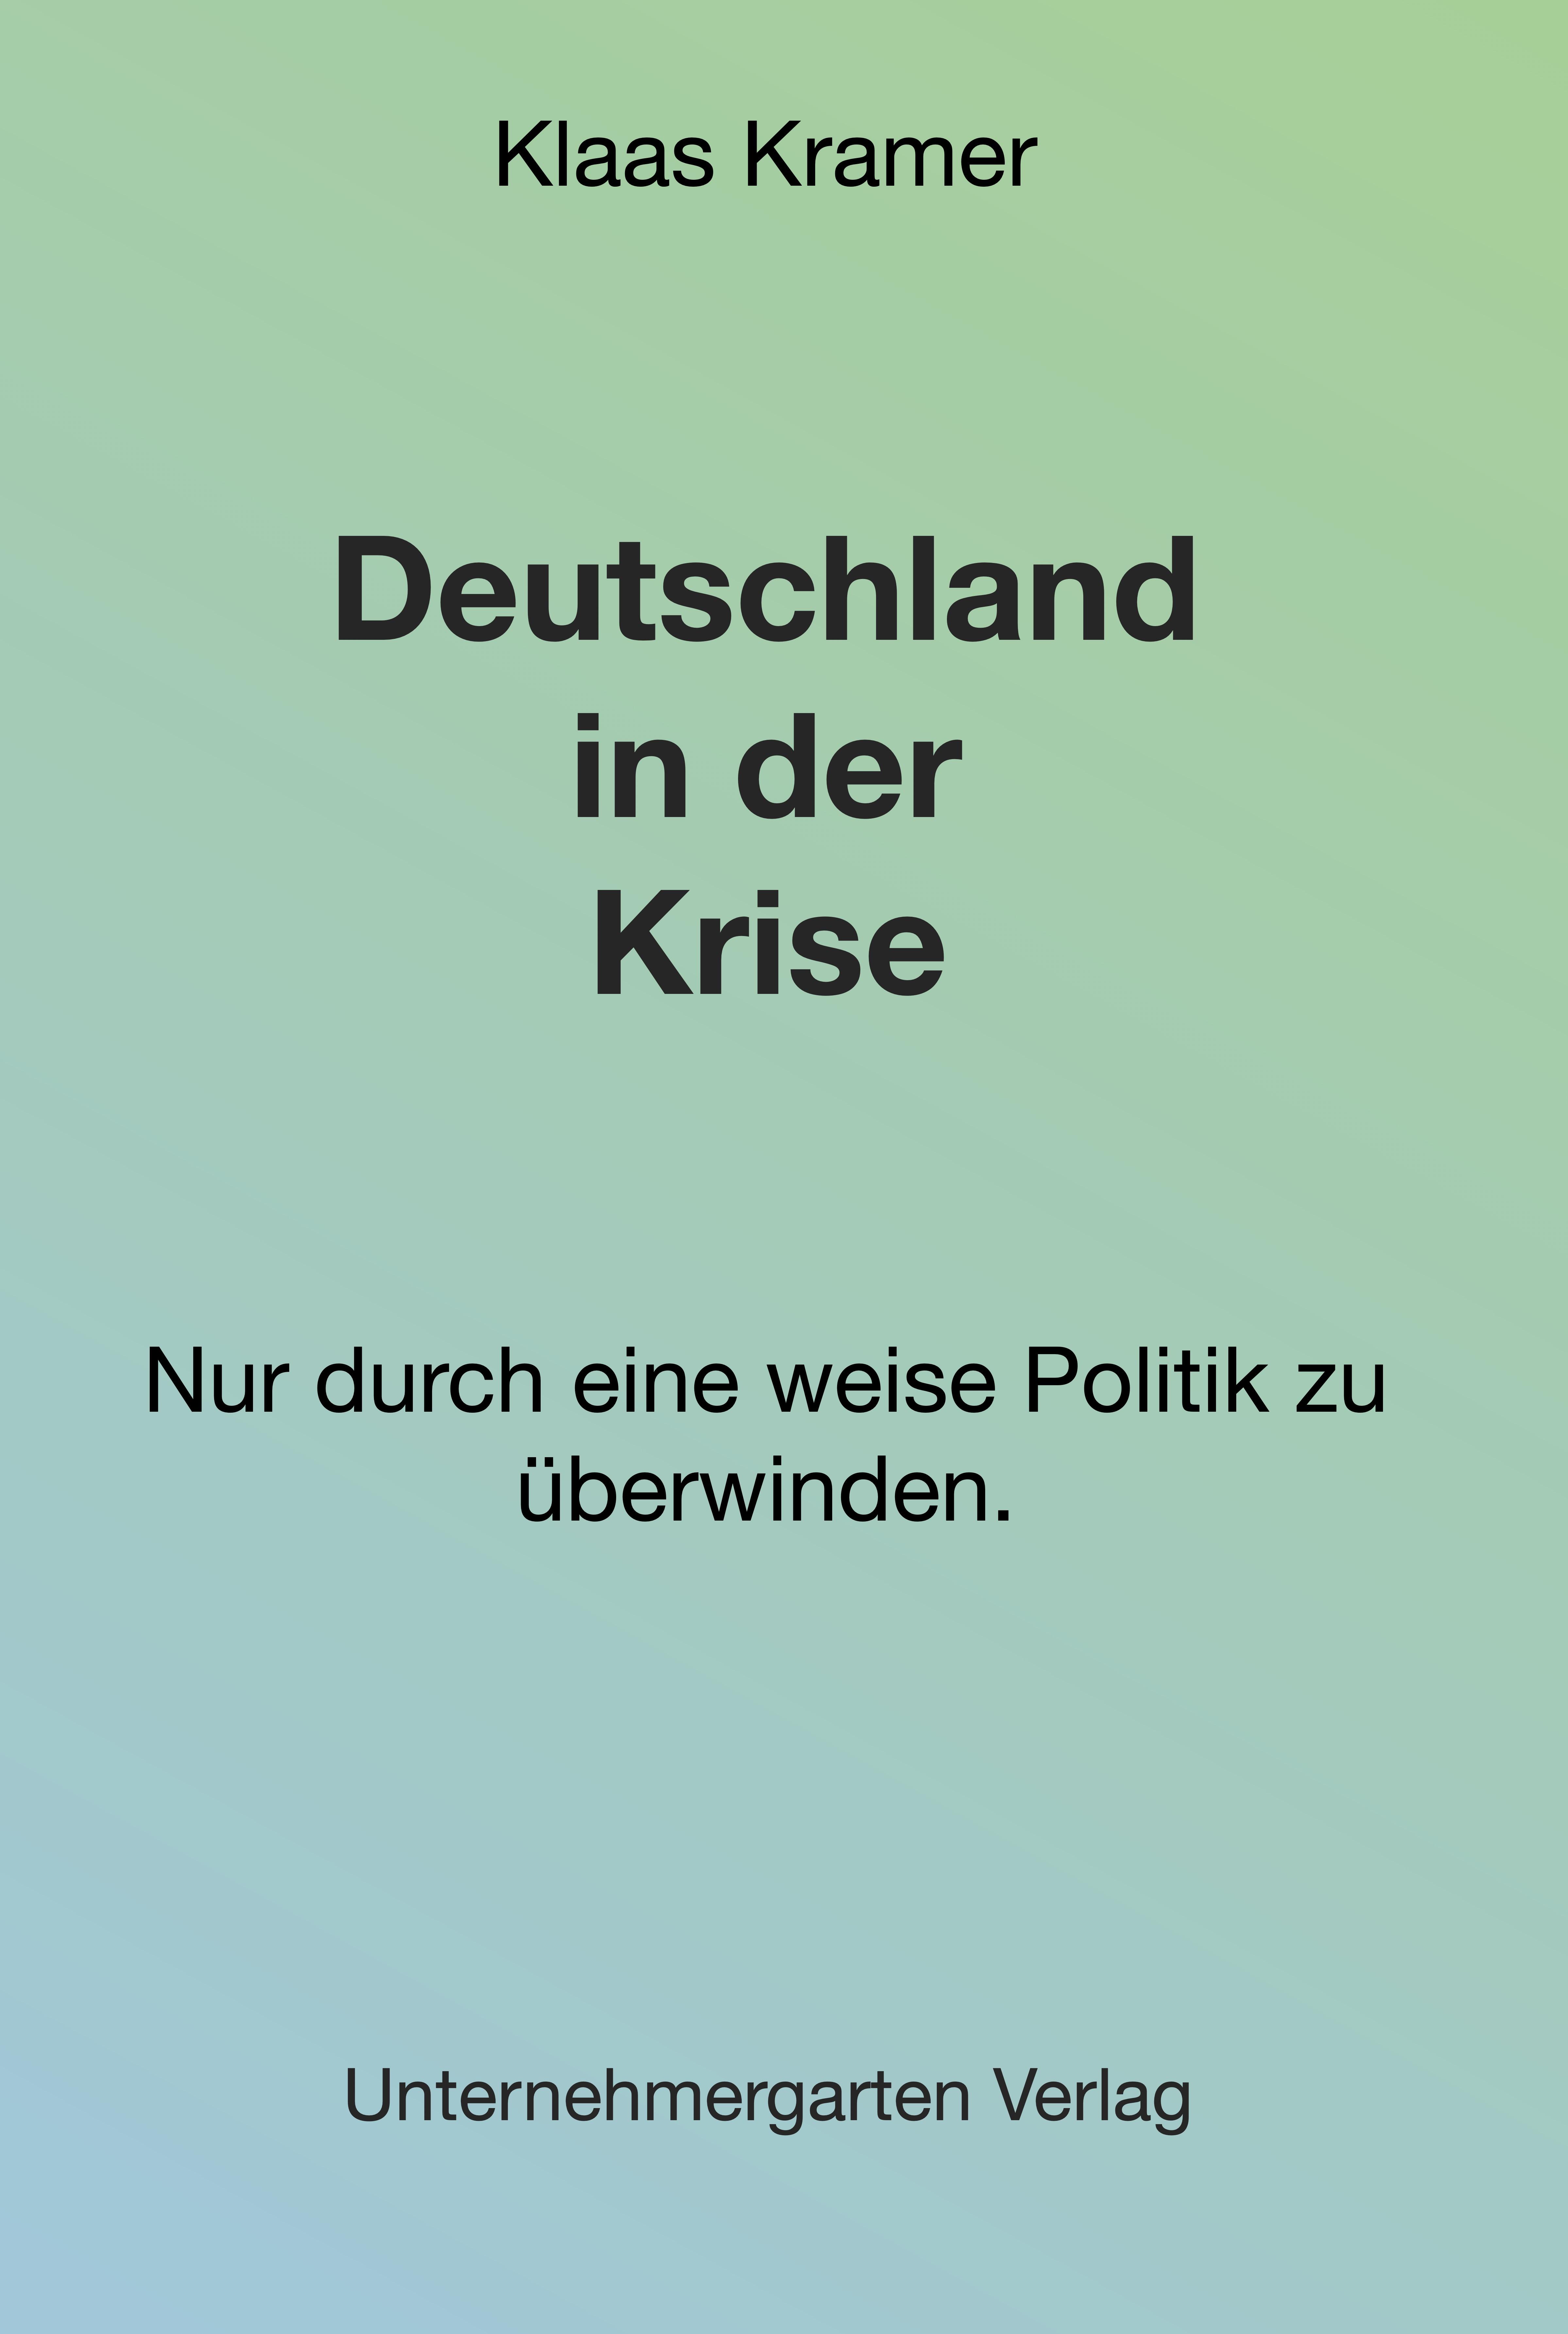 Cover zu Deutschland in der Krise